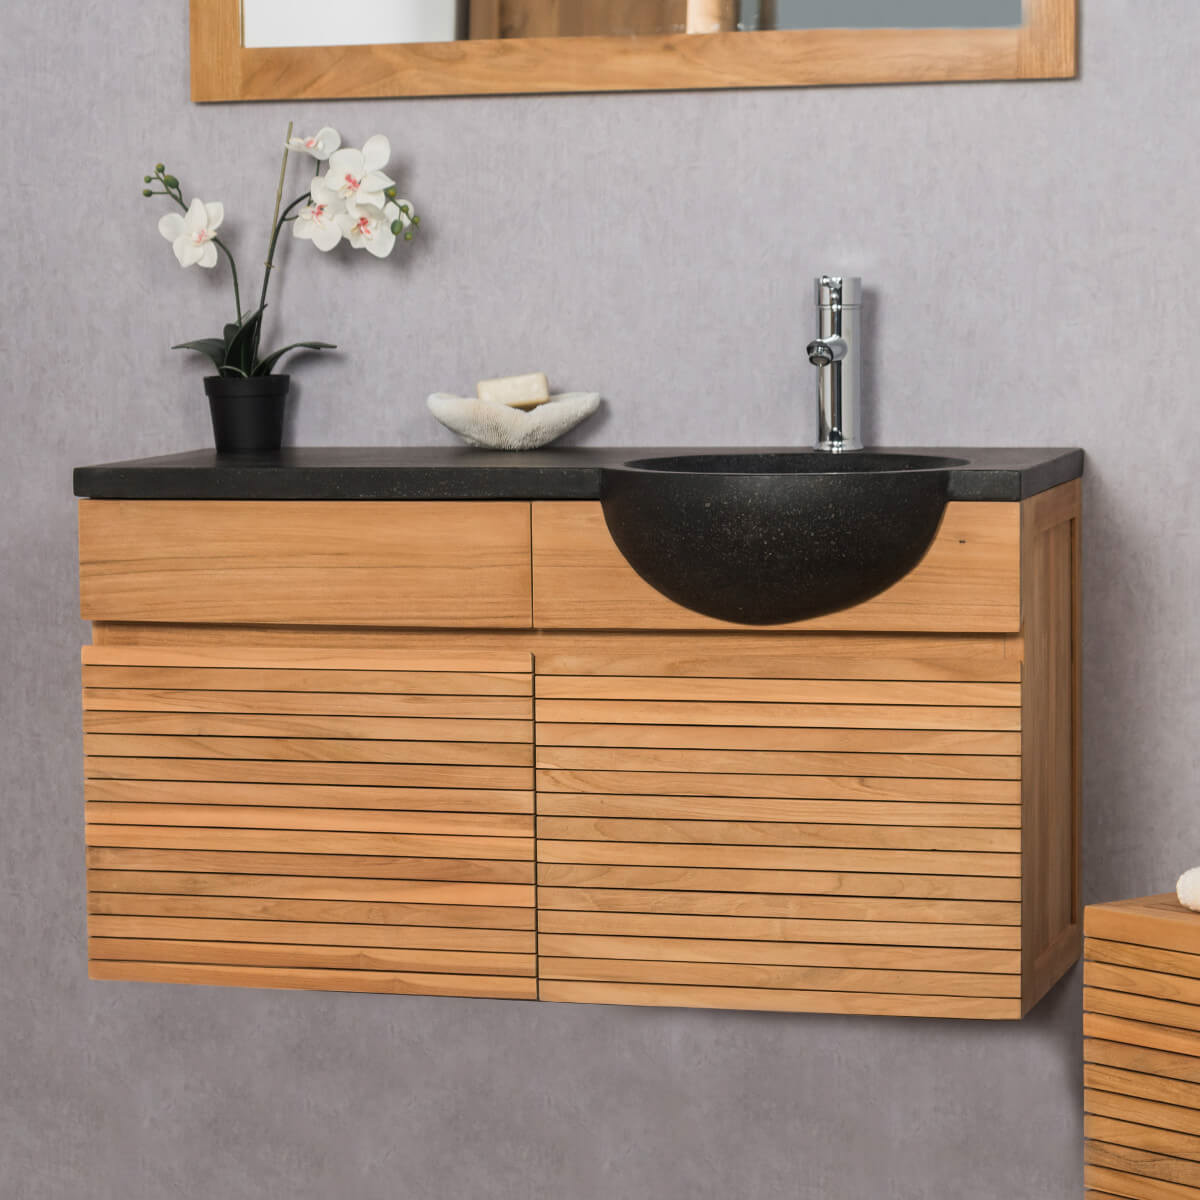 mueble suspendido para lavabo simple de madera teca